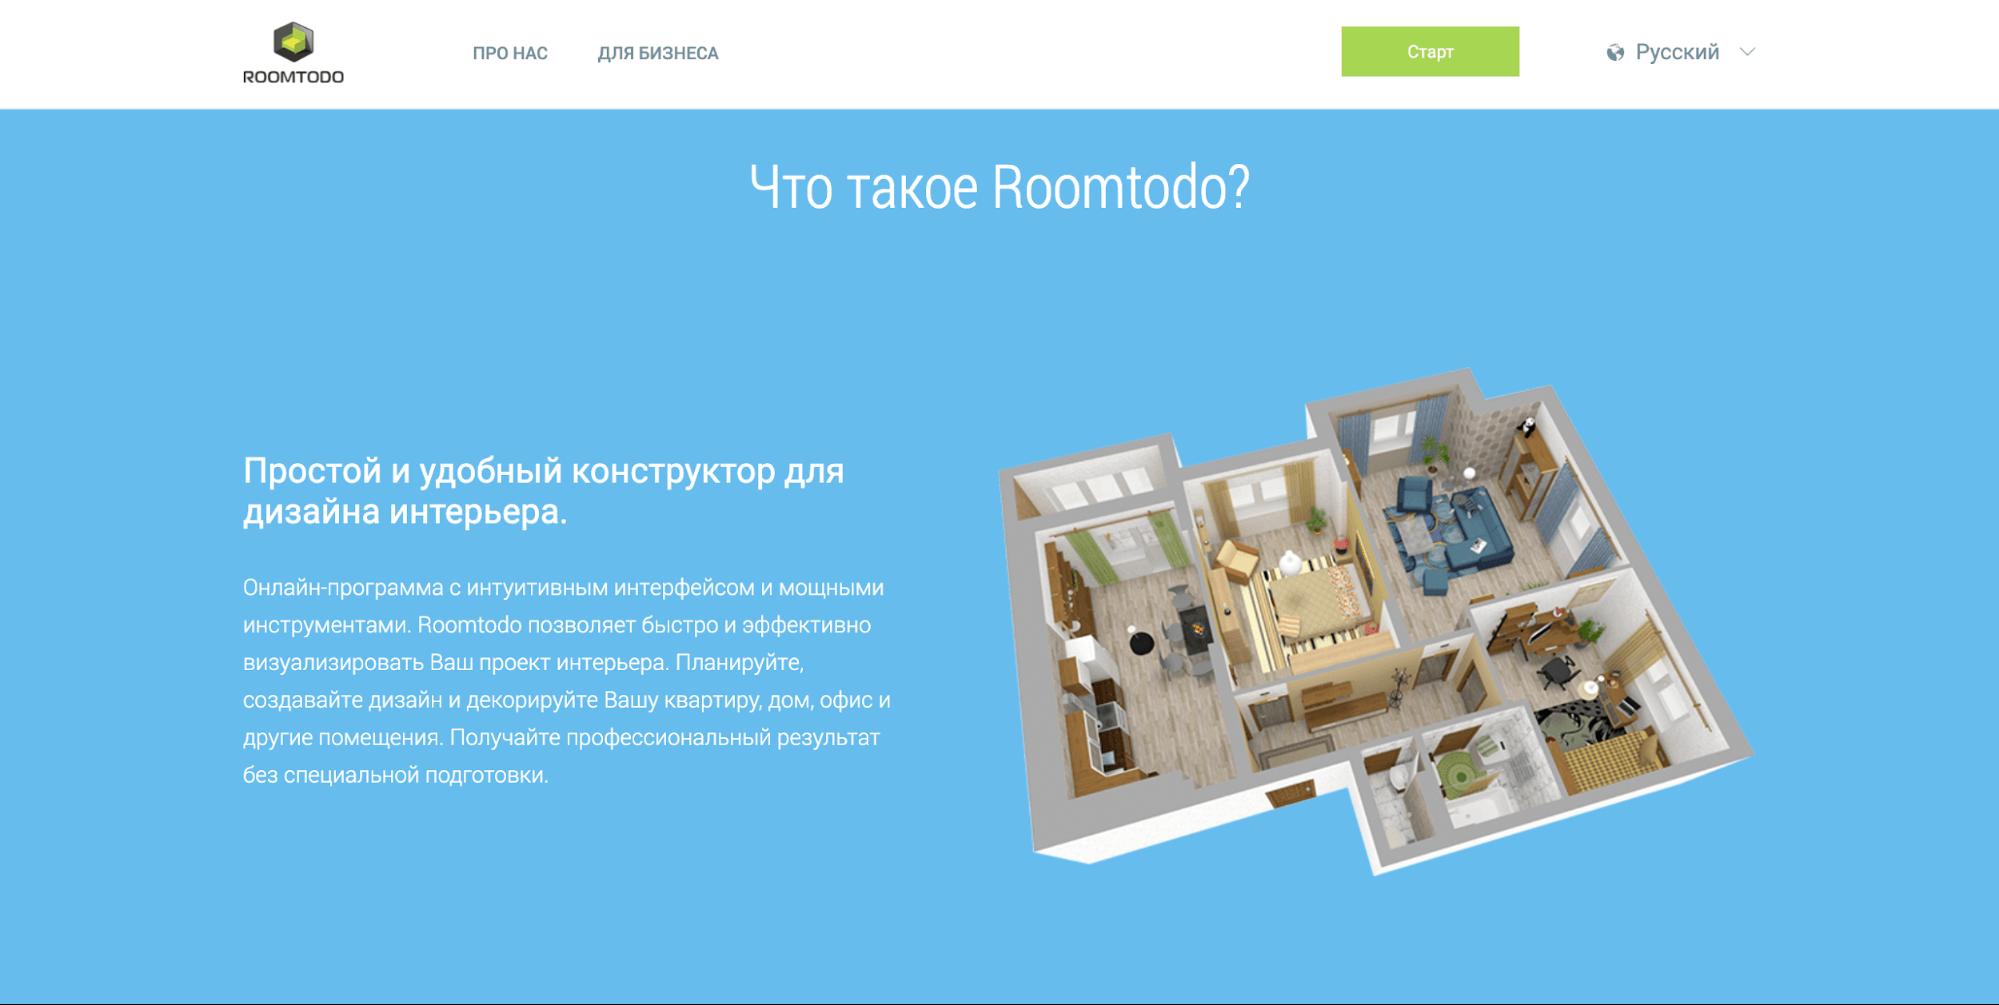 Сервис Roomtotdo